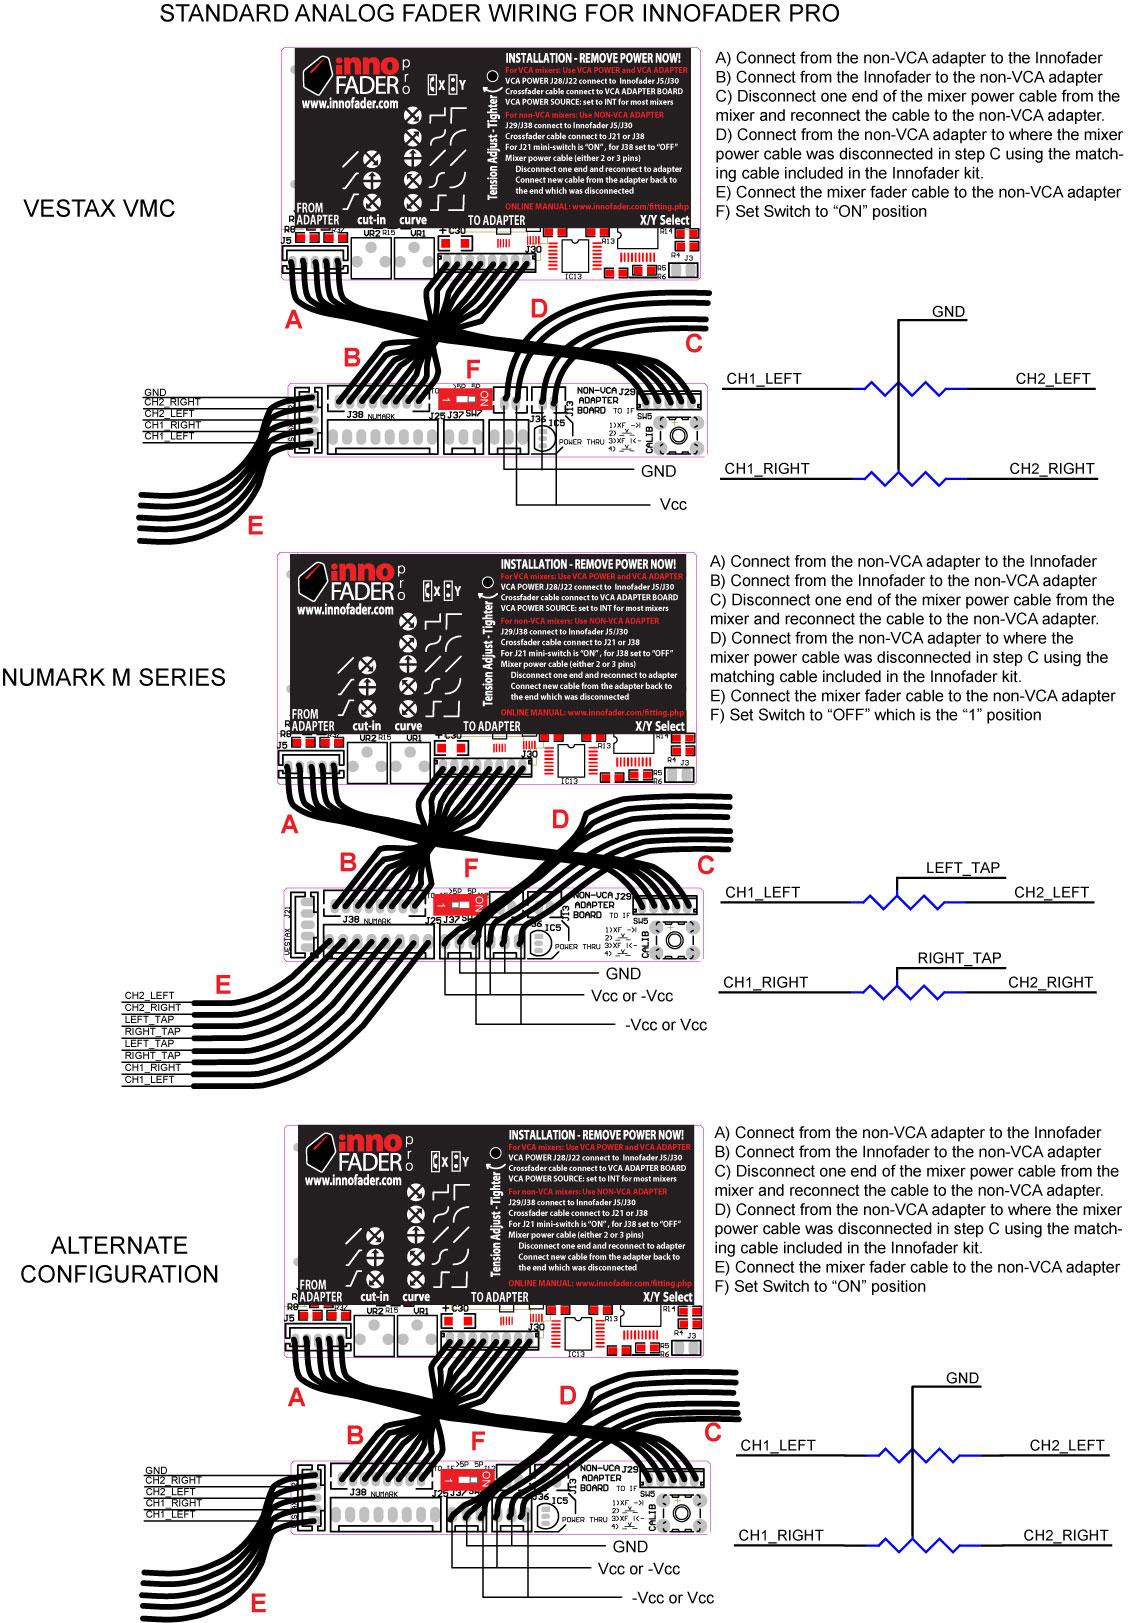 how to fit a fader in a numark pt 01 equipment audio production digital vertigo